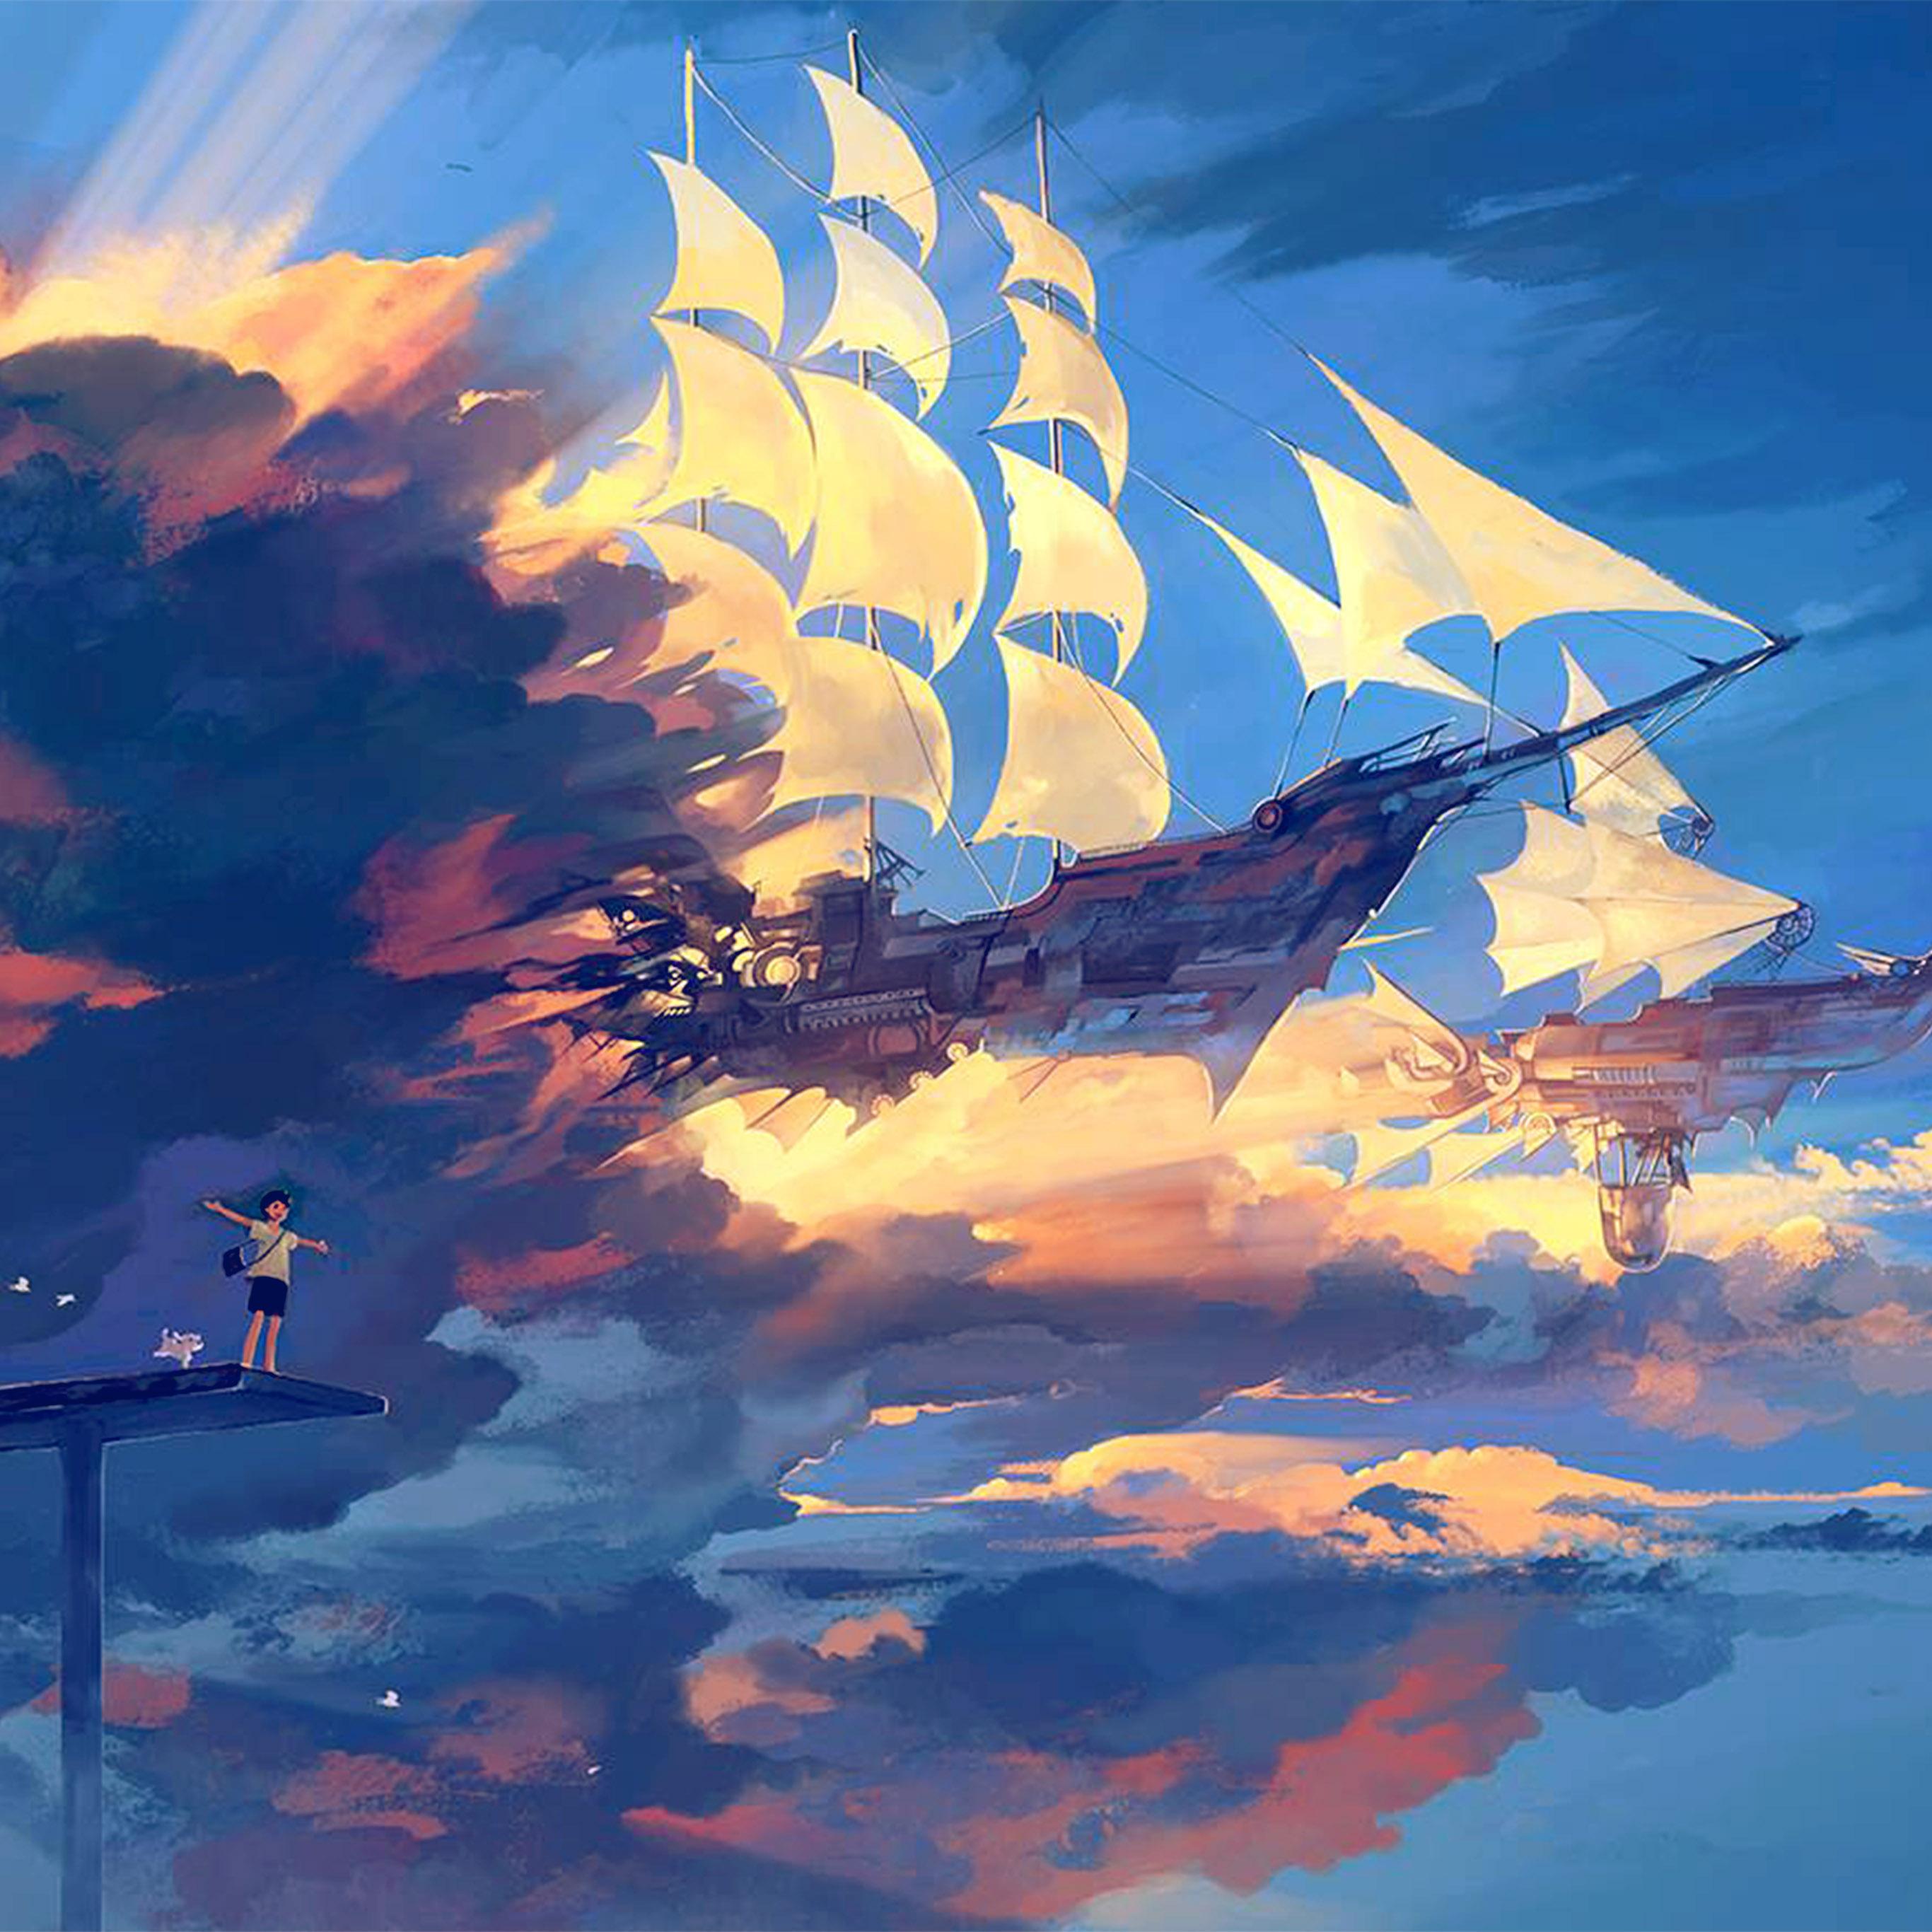 Az68 Fly Ship Anime Illustration Art Blue Wallpaper